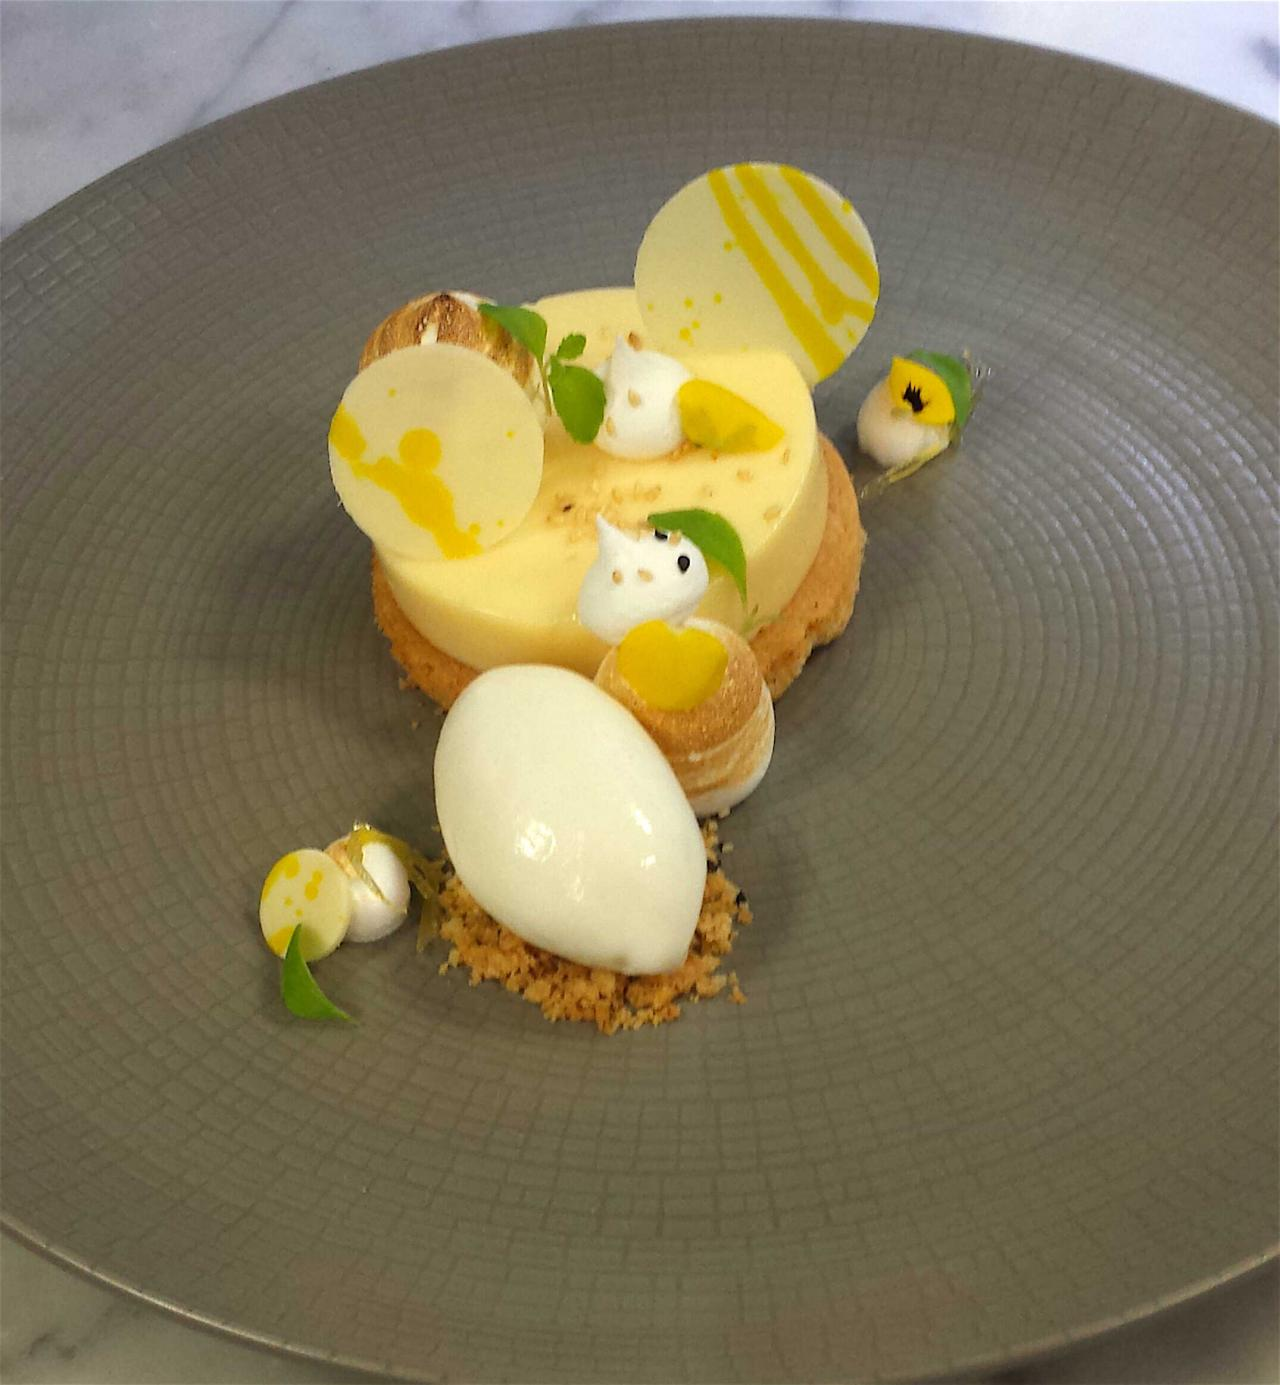 Lemon And sesame tart